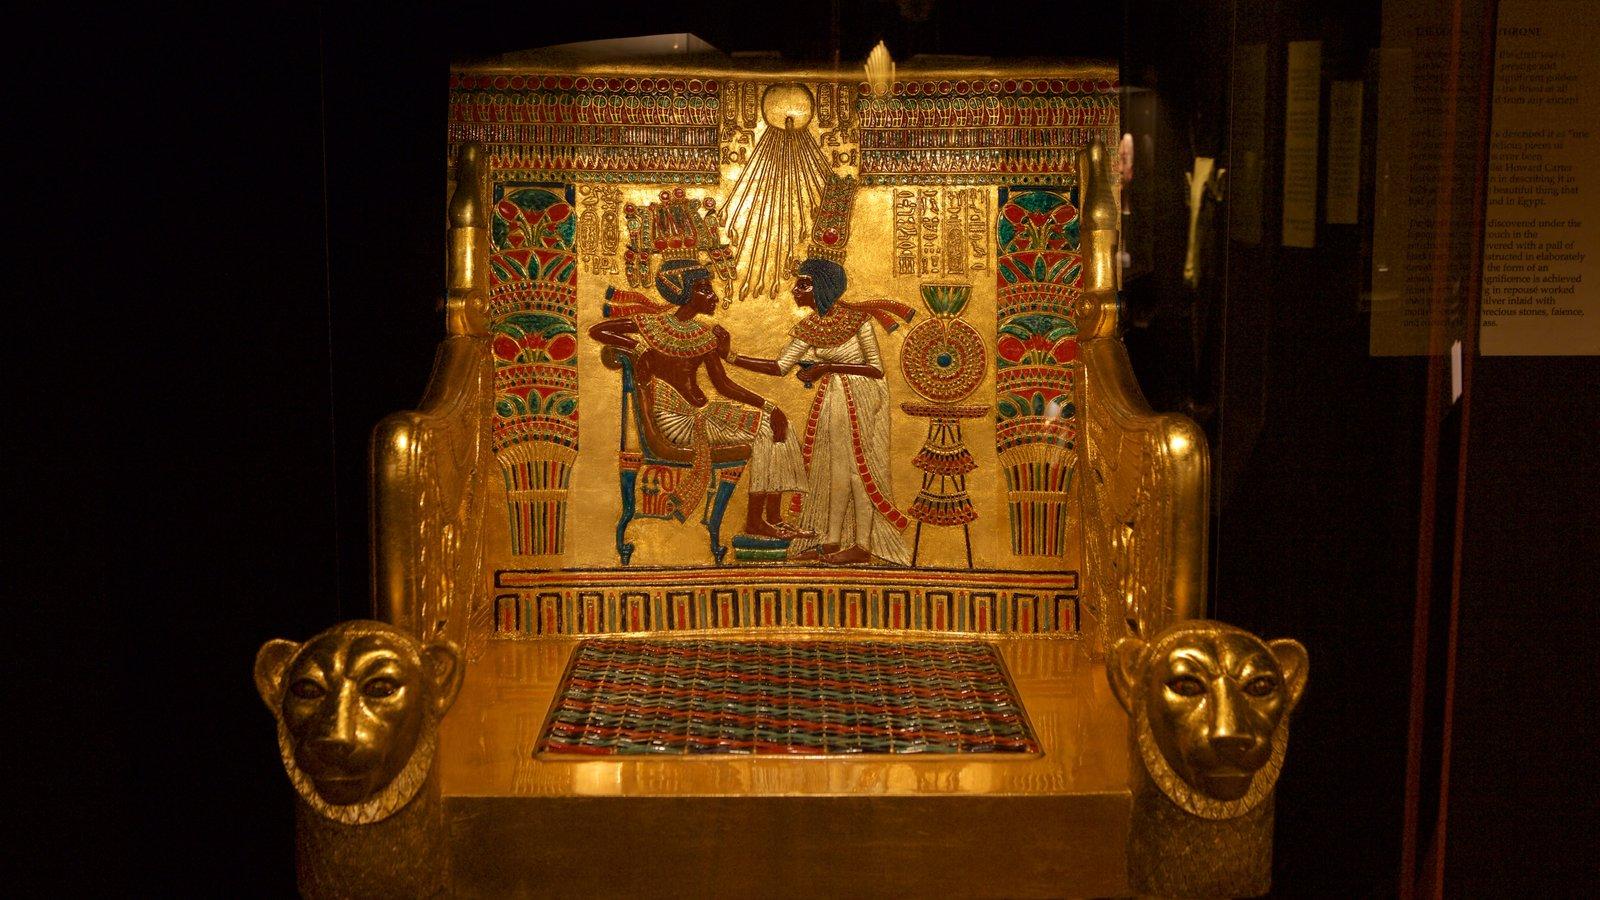 Tutankamon a exposição que inclui um monumento e elementos de patrimônio